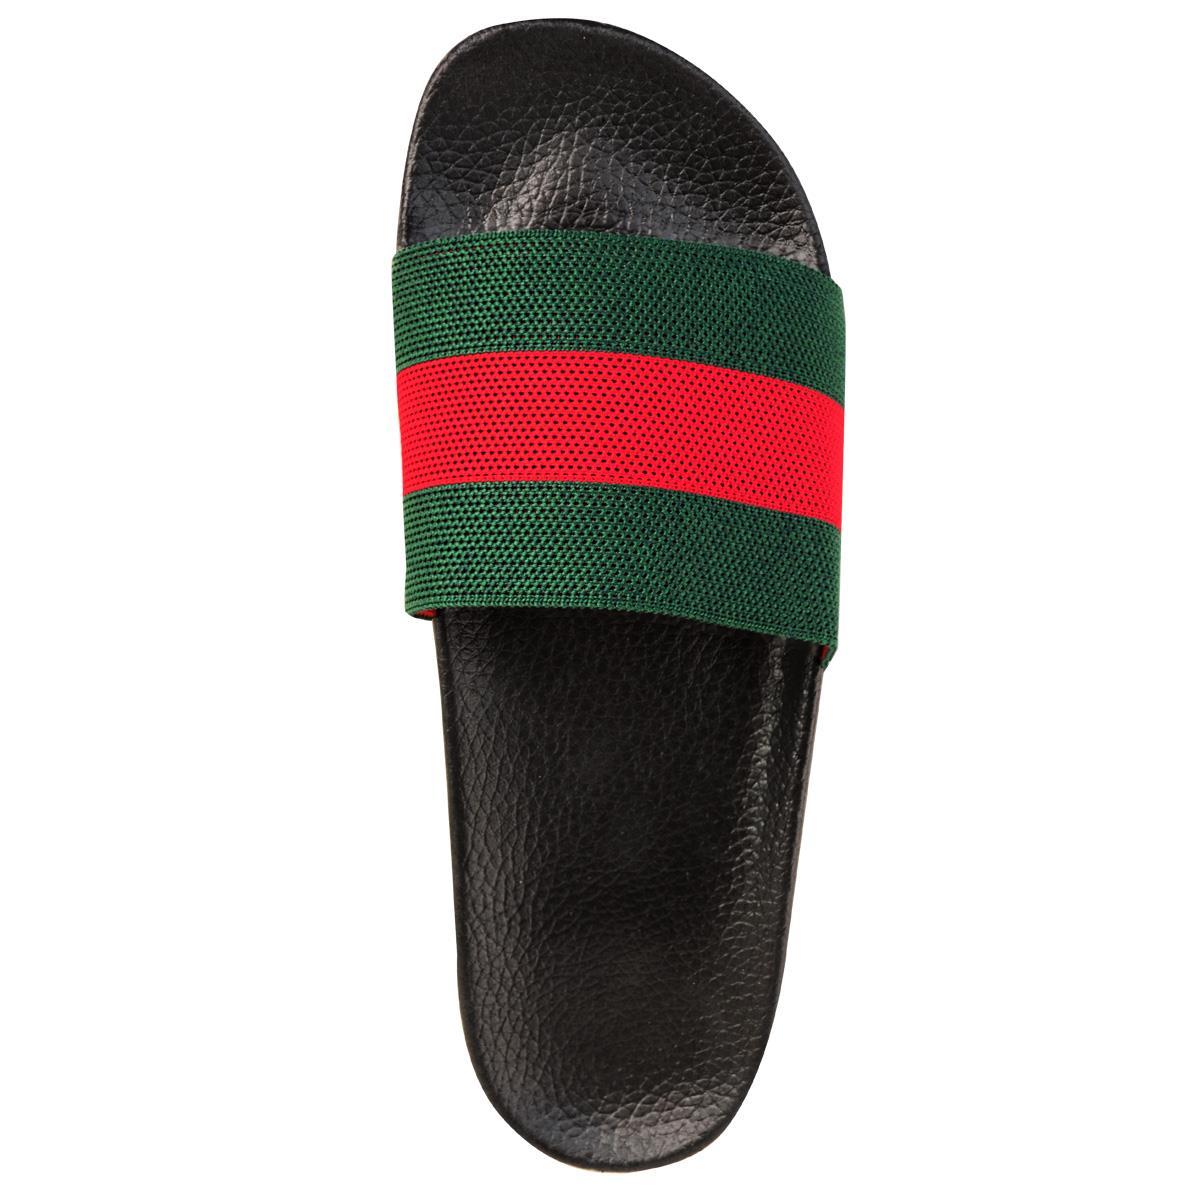 Mens-Guys-Flat-Rubber-Slides-Sliders-Stripe-Sandals-Pool-Beach-Designer-New-Size thumbnail 11